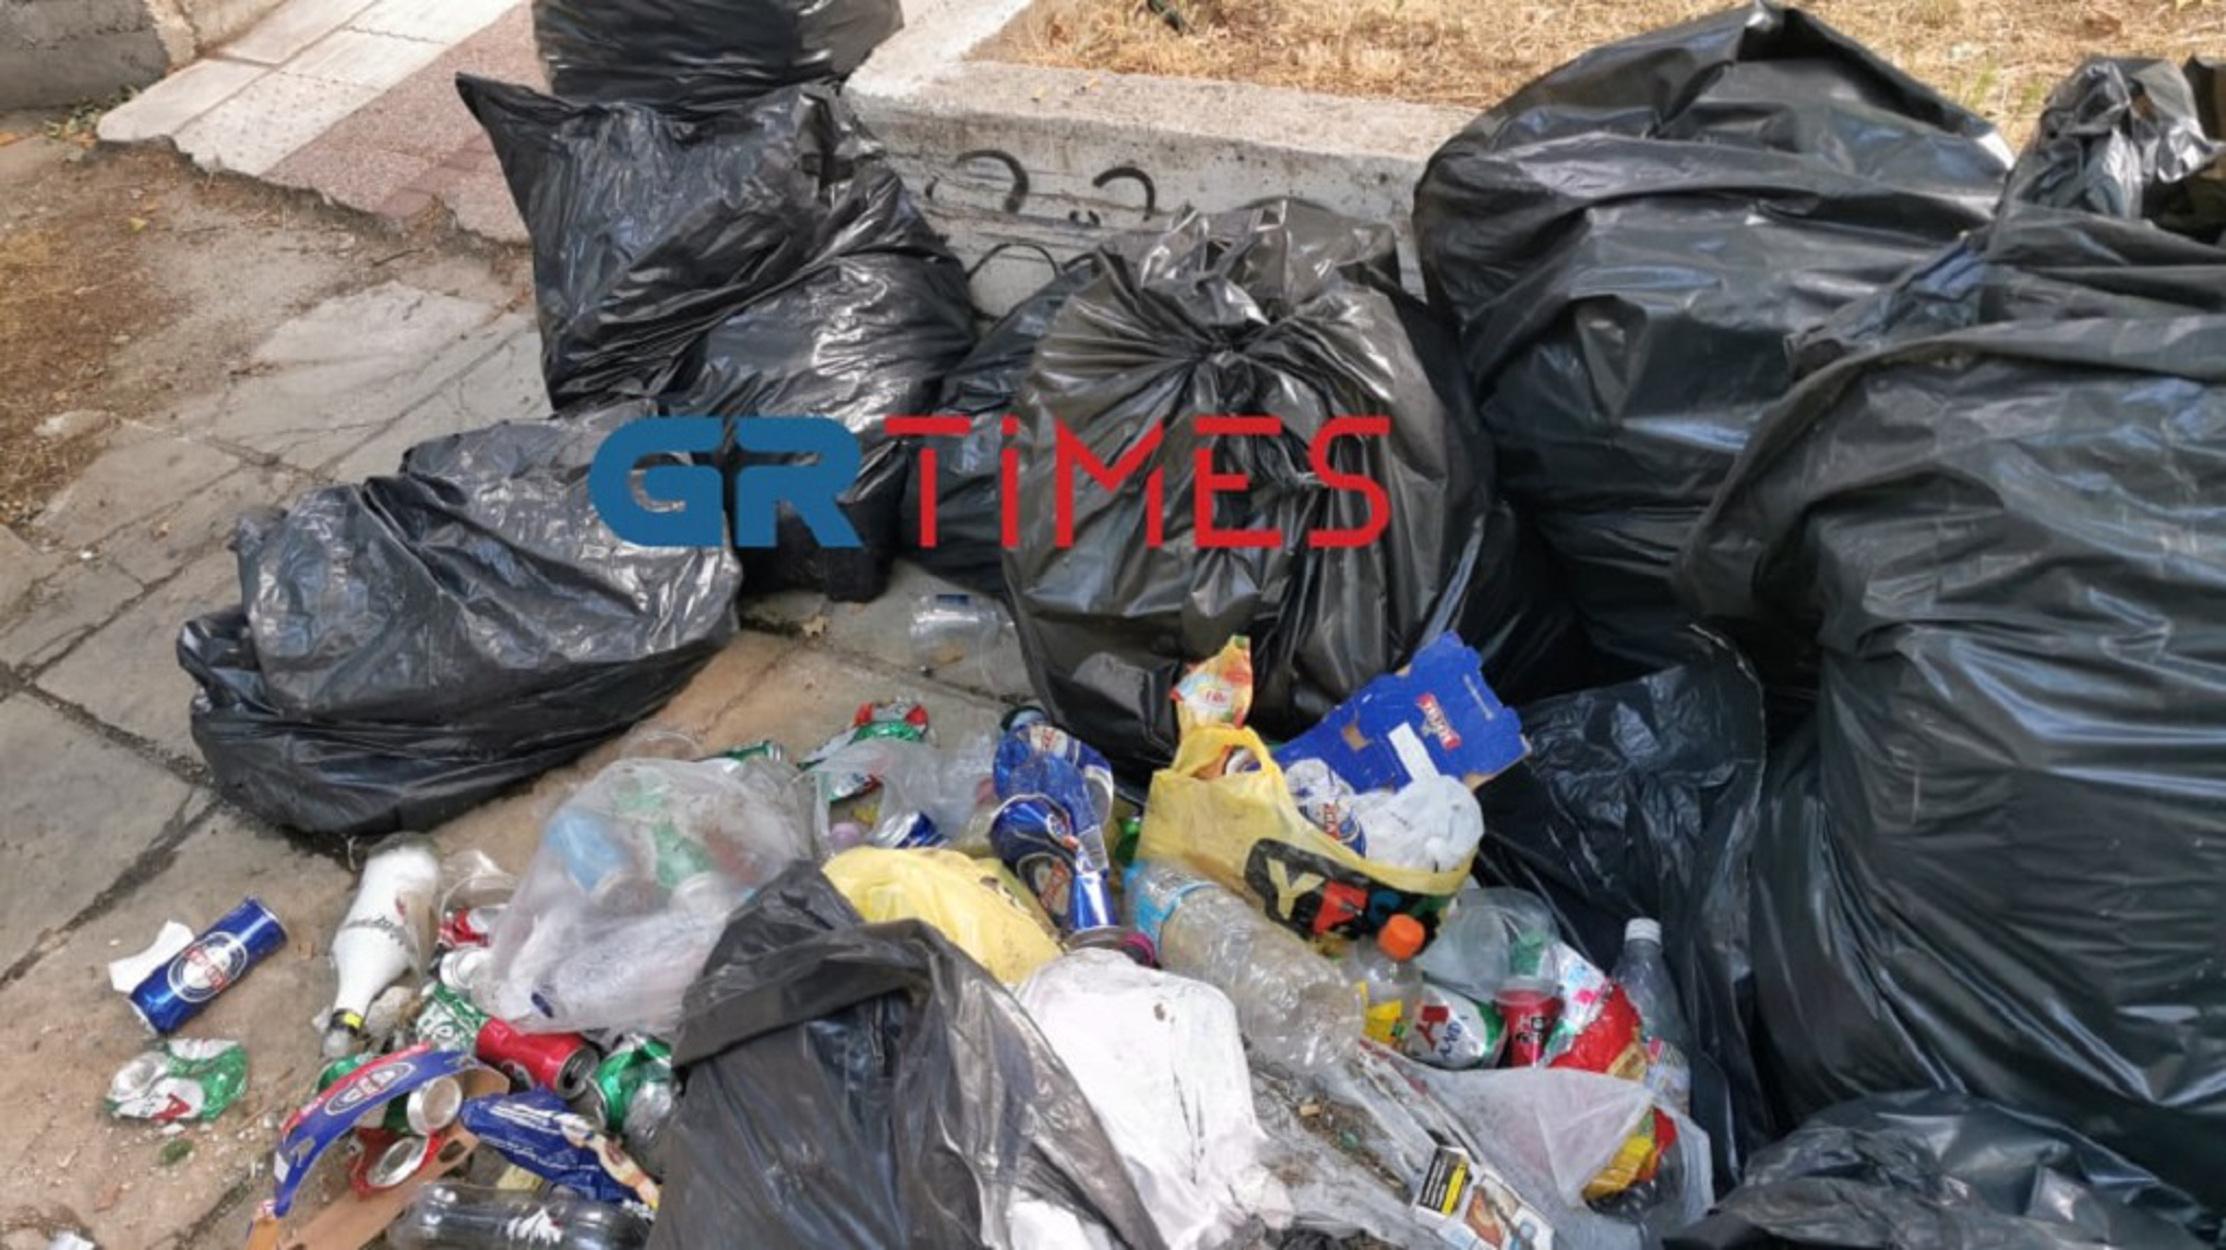 ΑΠΘ: Σκουπίδια παντού και βανδαλισμοί μετά το νέο κορονοπάρτι (pics, video)